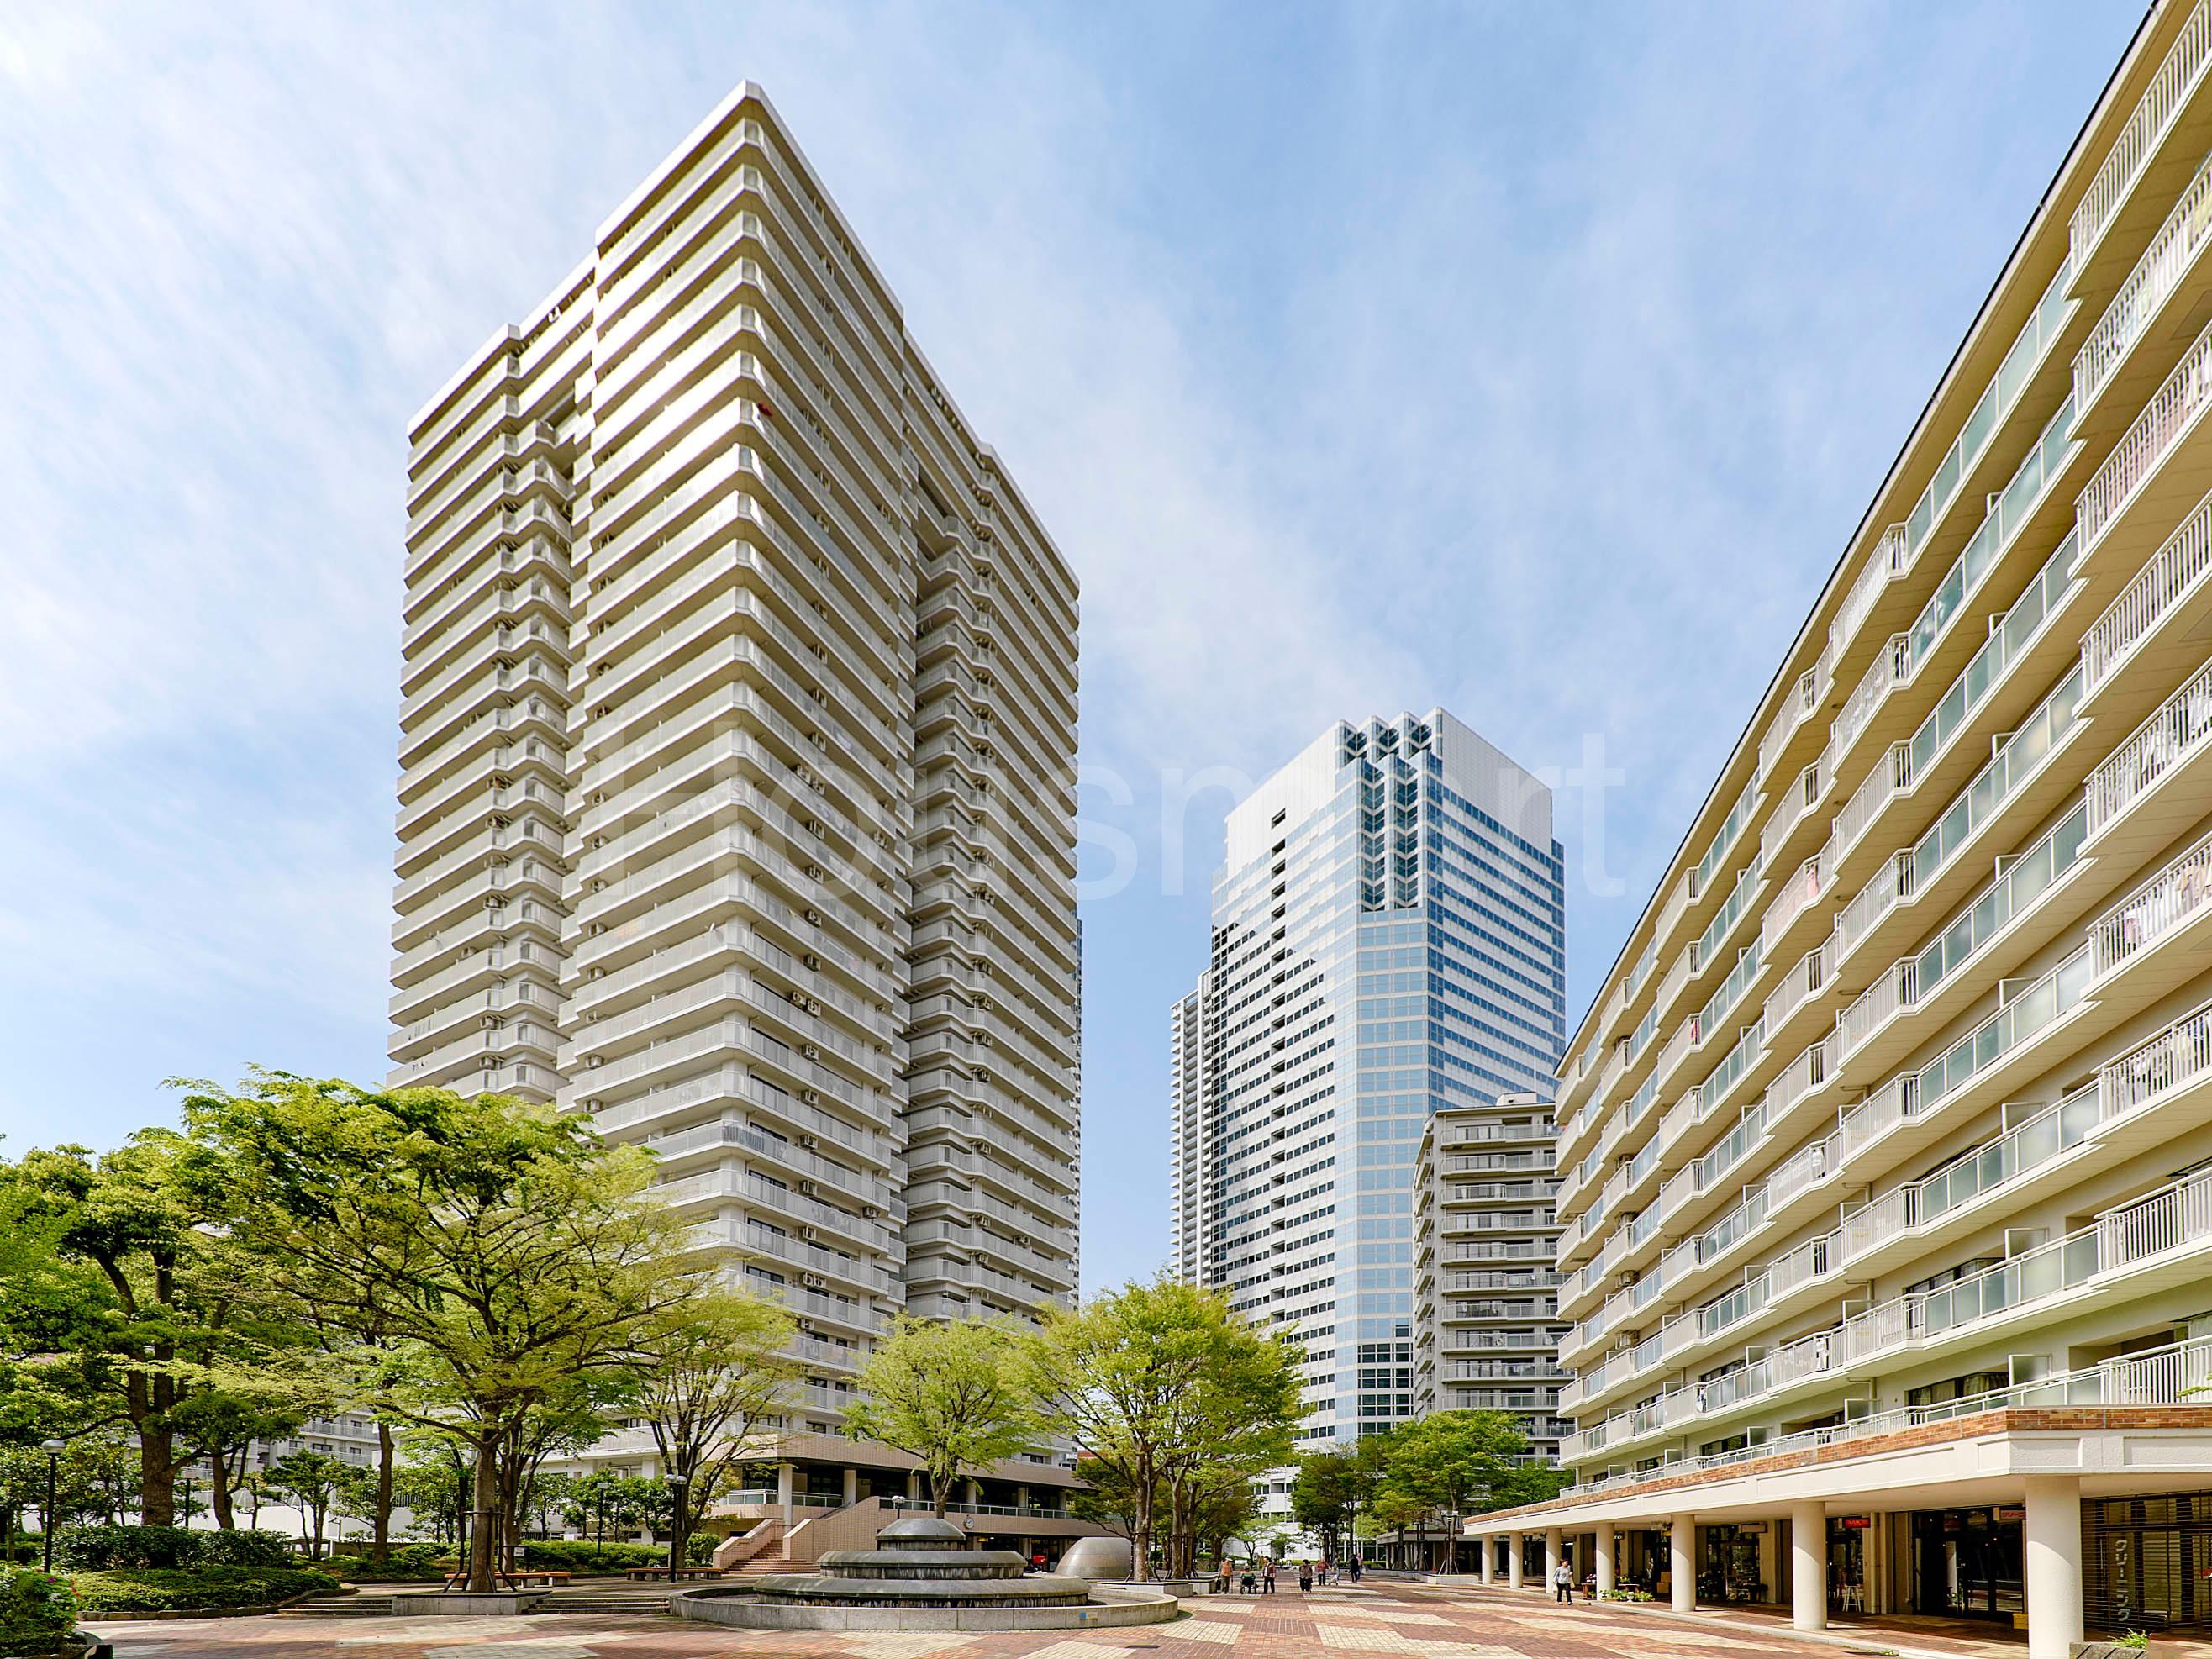 パークシティ新川崎は、リノベーションしたい方におすすめなタワーマンション!